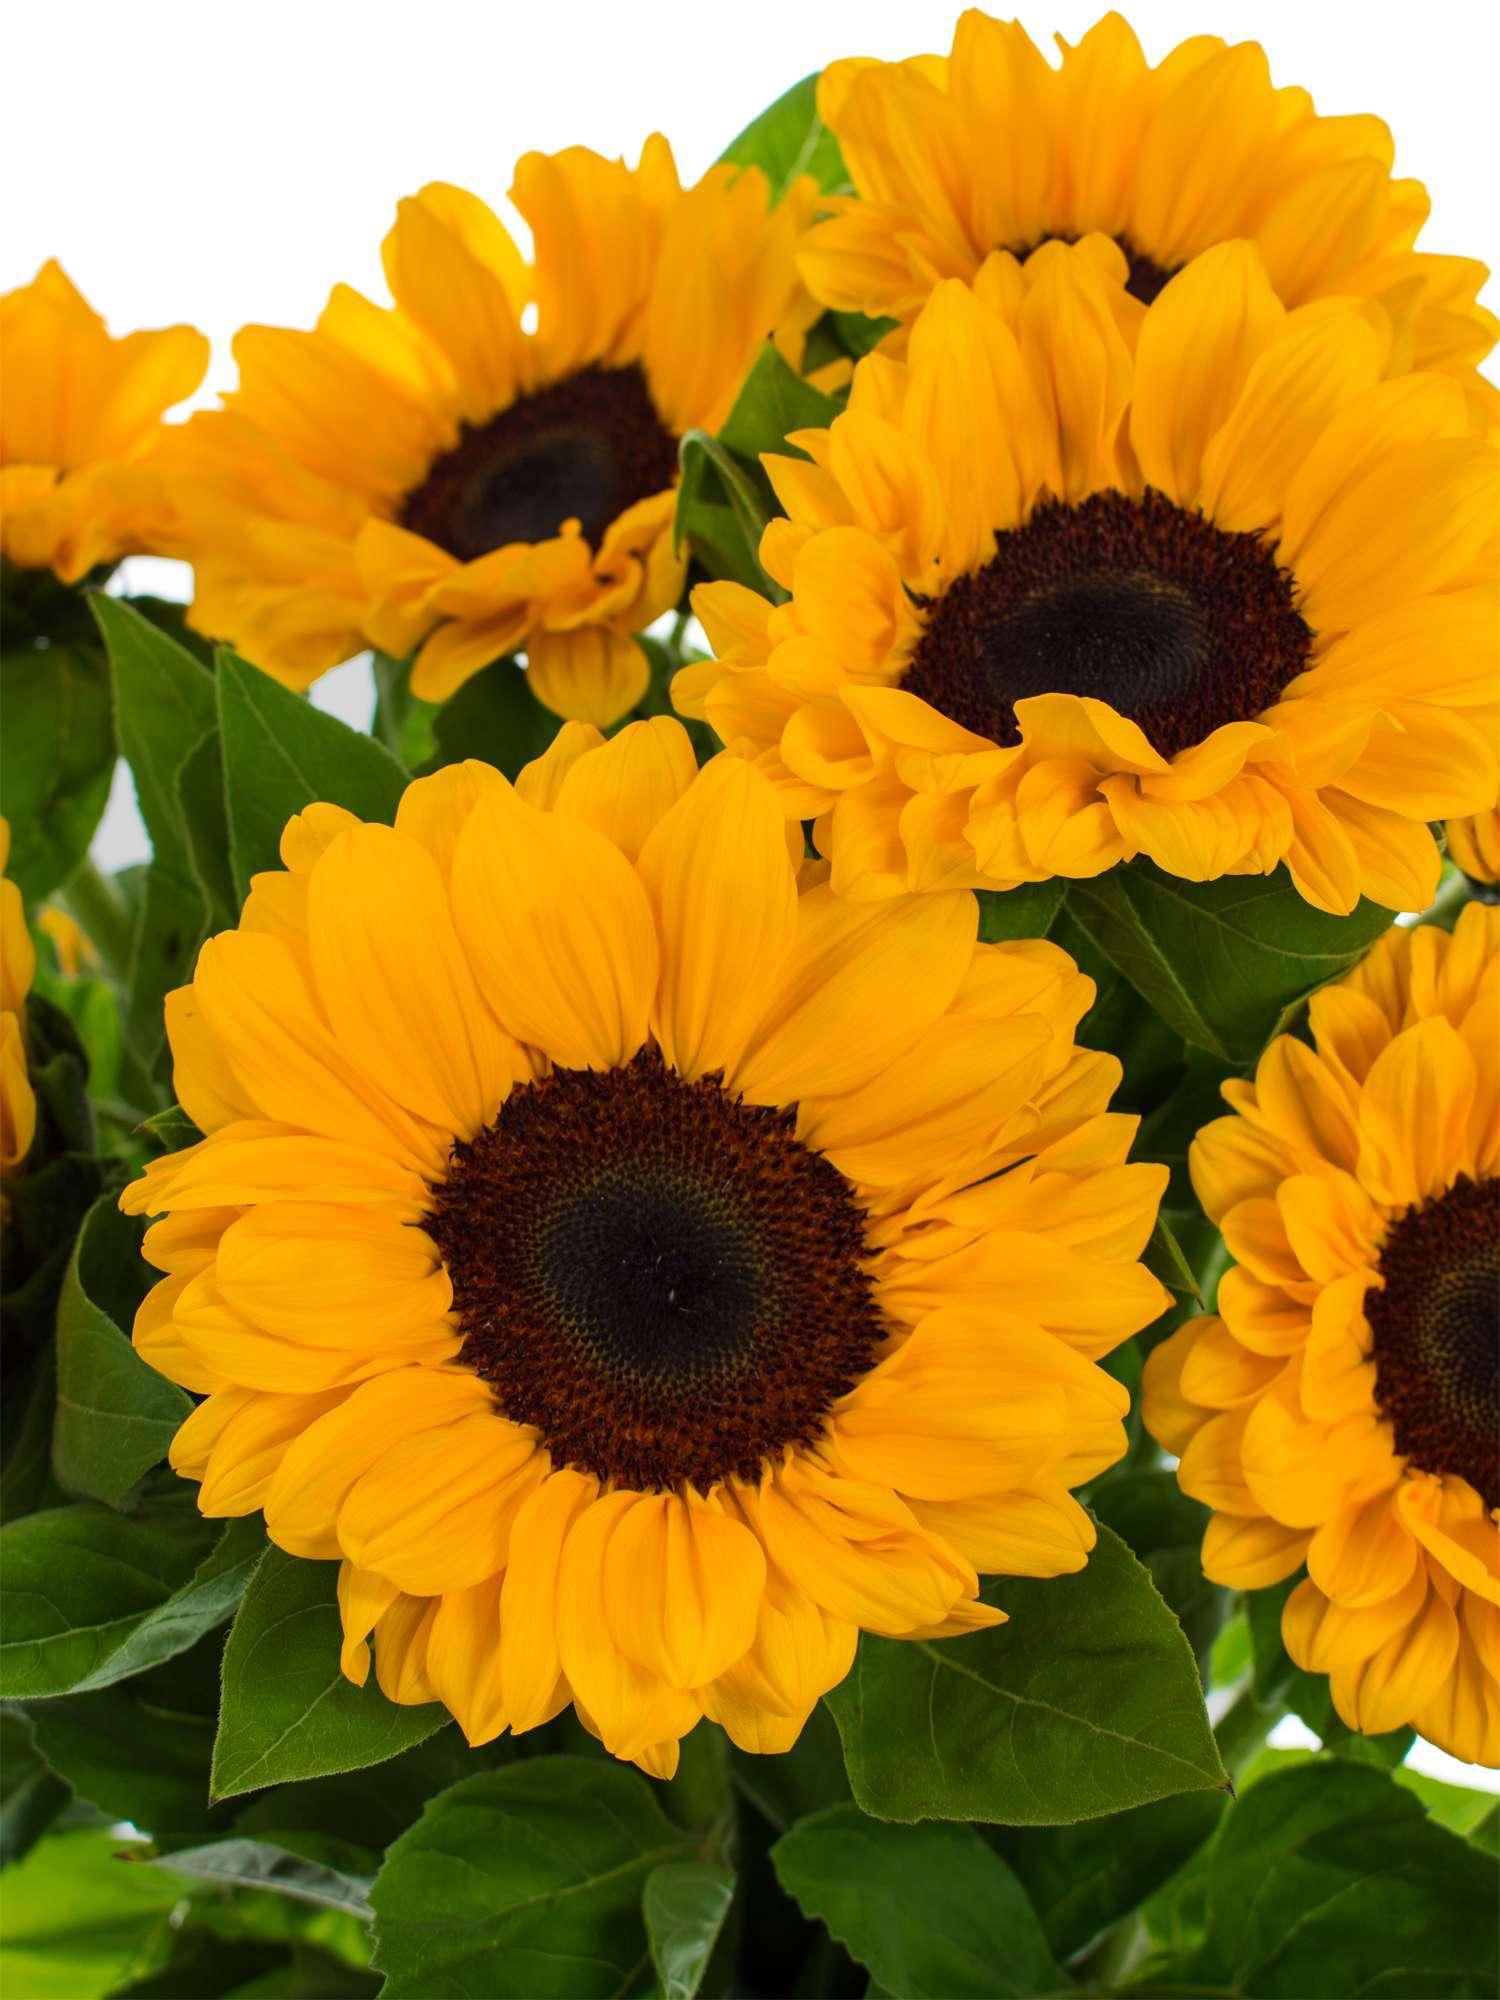 Sonnenblume | Heilpflanzenlexikon › gesund.co.at